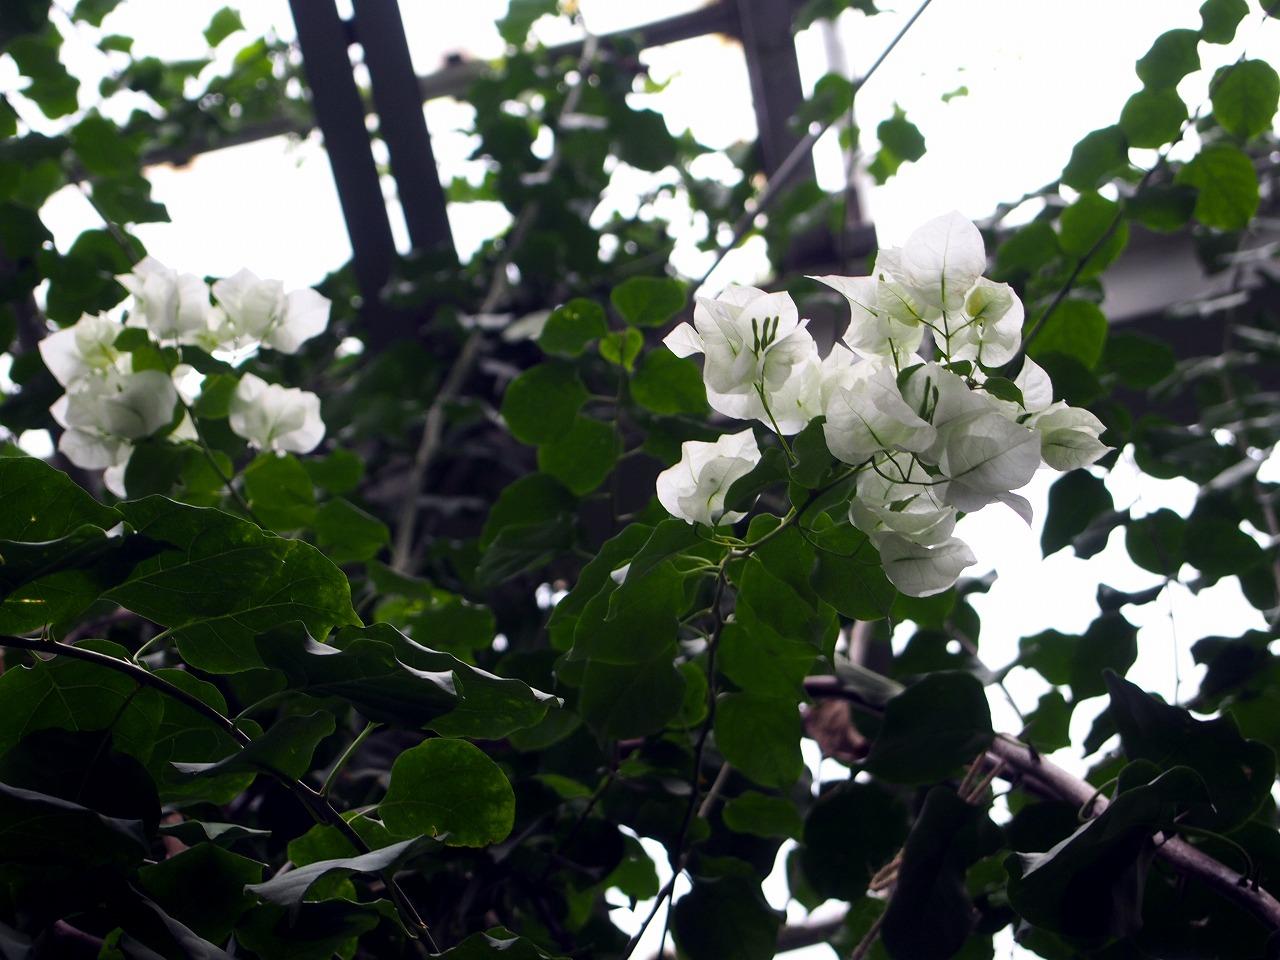 BotanicalGarden100_20141115.jpg